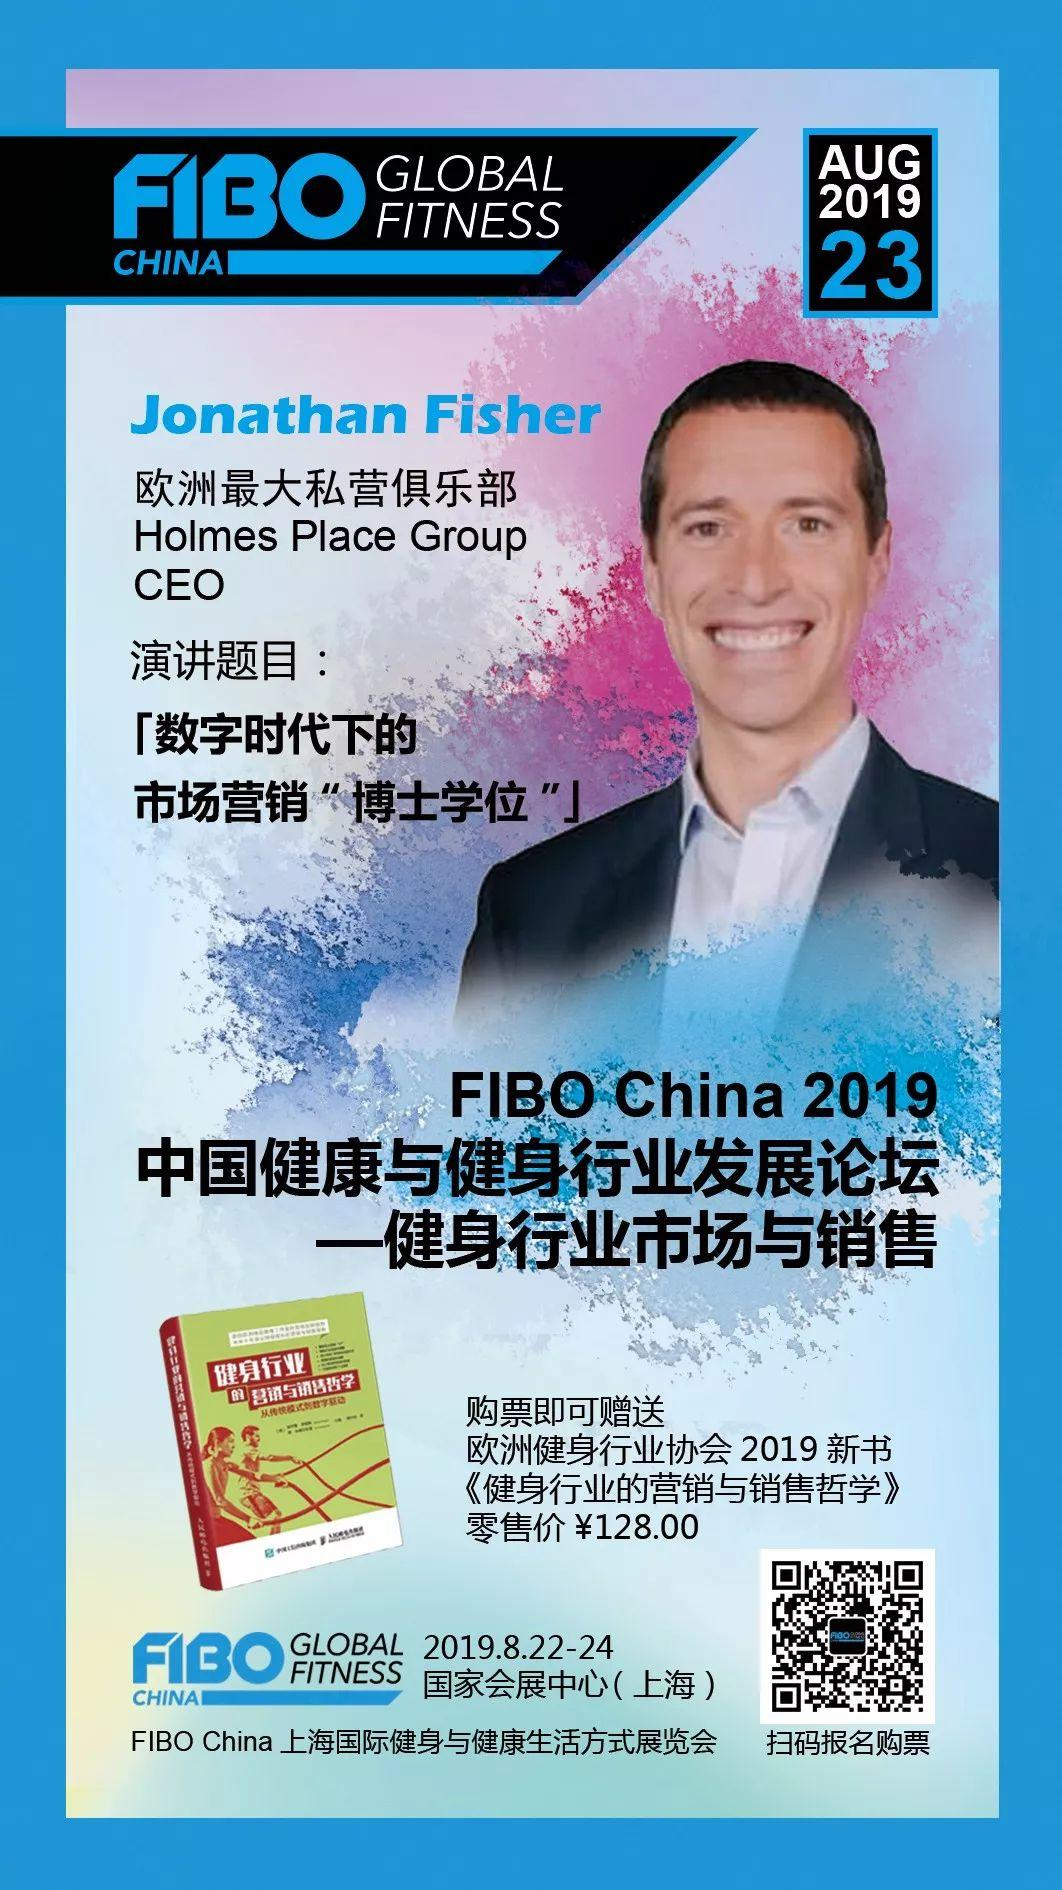 报名 | FIBO CHINA 2019上海站在即,三体云动开启特惠购票通道!